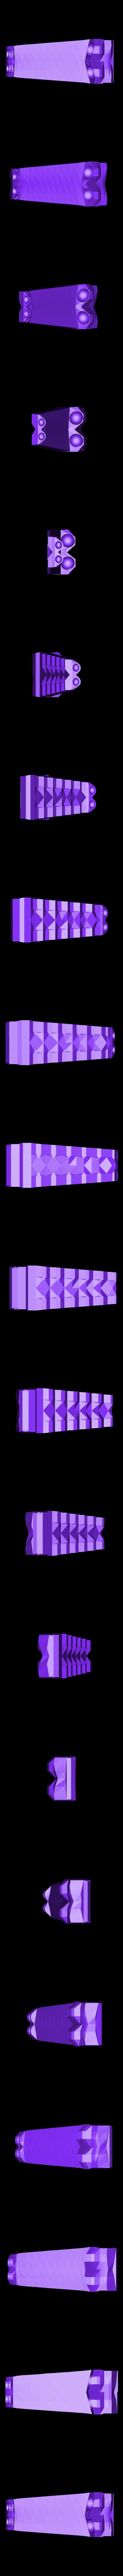 Krocodile_Tete.stl Download STL file Pretty Crocodile • 3D printer object, 3d-fabric-jean-pierre